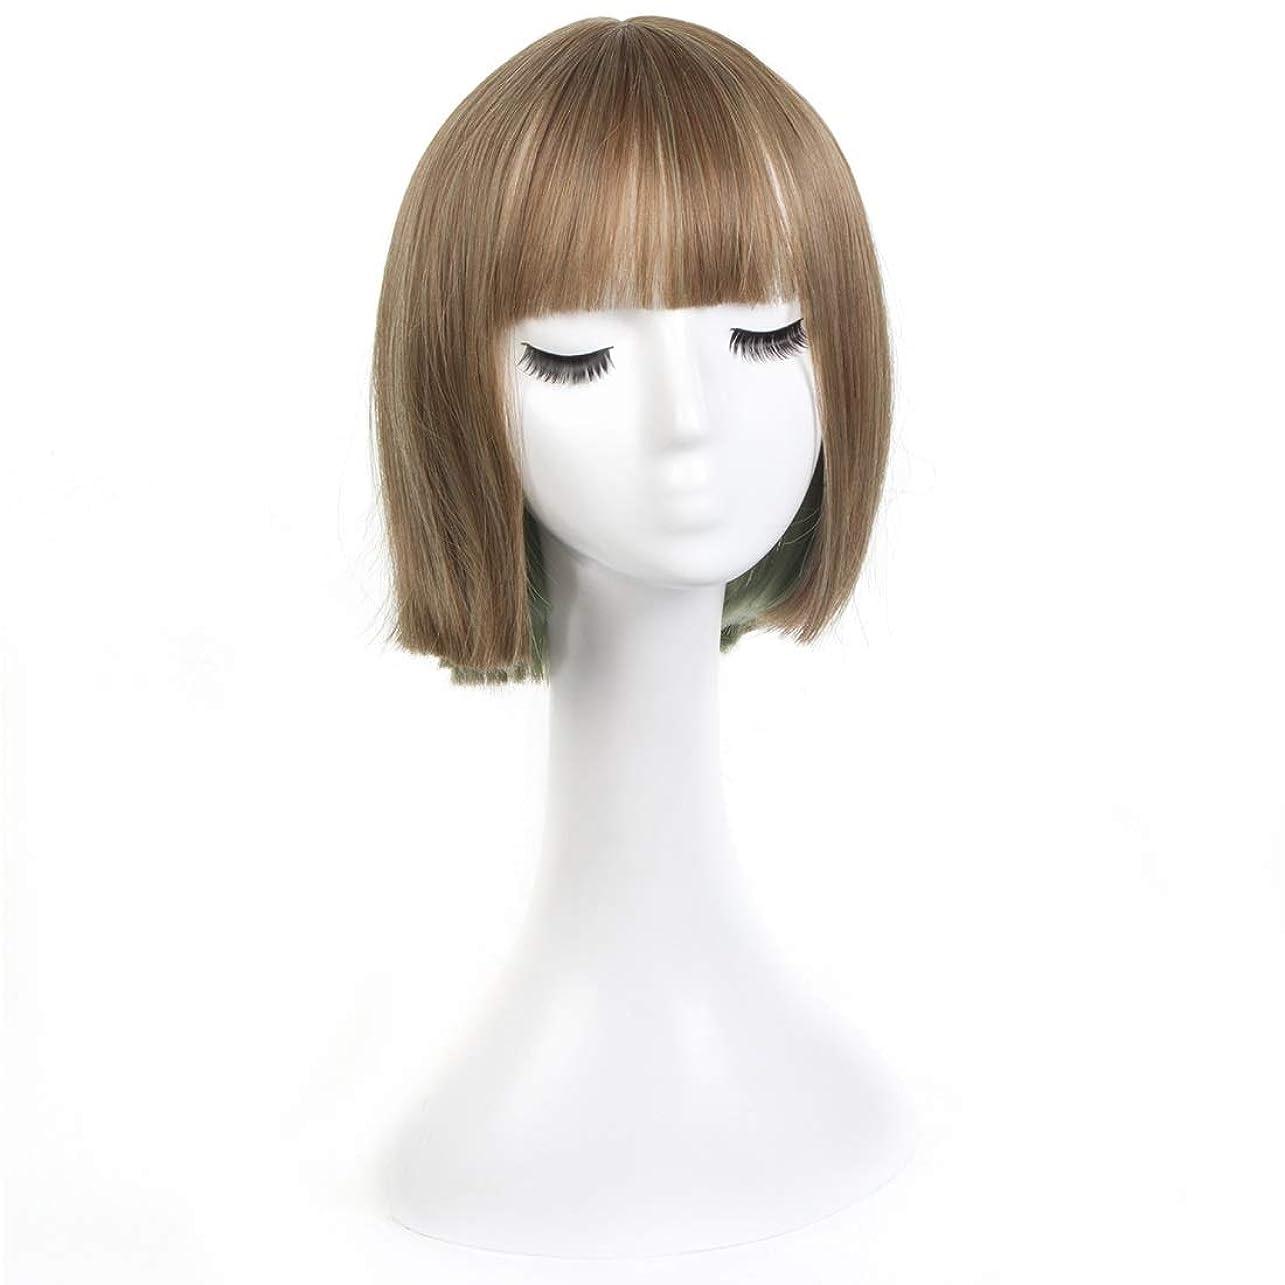 静けさガイドラインシャークJIANFU Hansel Glitter Wig Qi Liuhaiショートストレートヘアウィッグ(SINOALICE) (Color : Hemp brown)